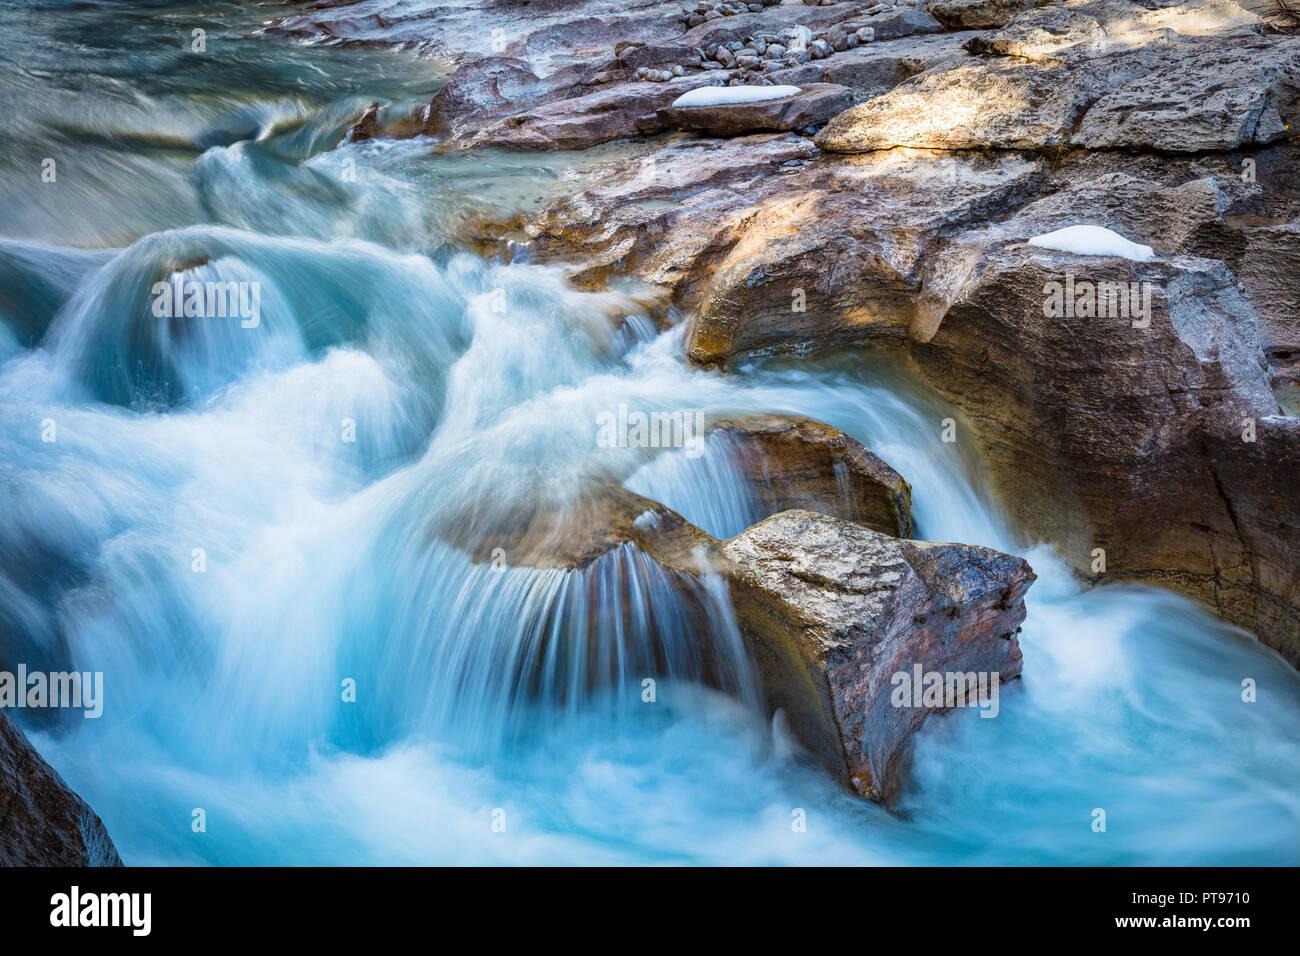 Nigel Creek est un fleuve situé dans les Rocheuses canadiennes de l'Alberta, Canada. Photo Stock